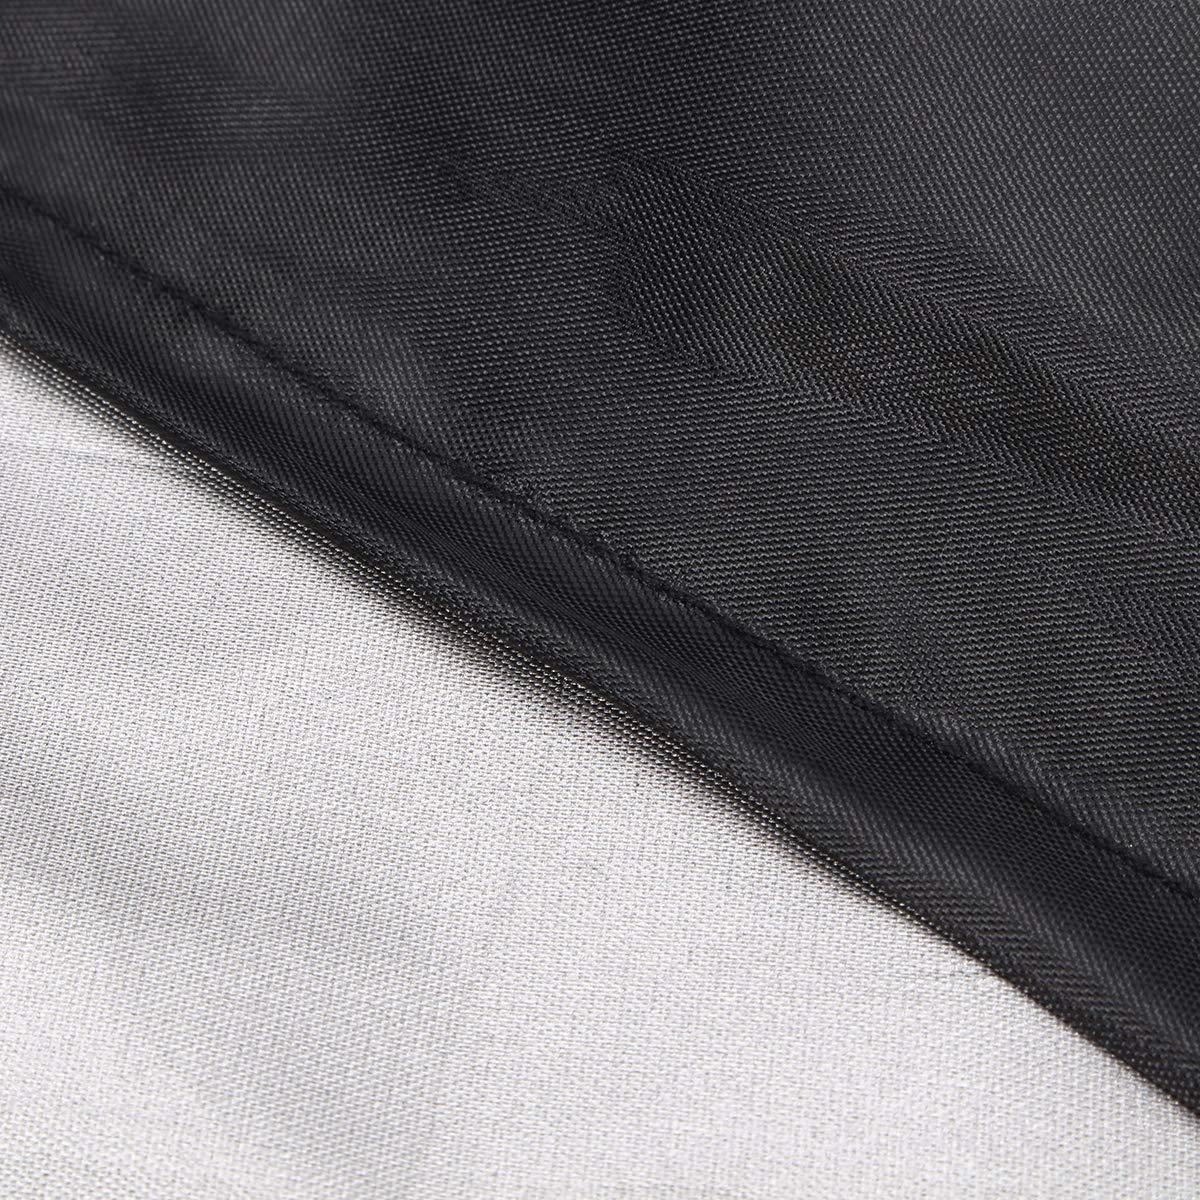 Poliestere Impermeabile Copertura 123 x 61 x 72 cm king do way Copertura per Mobili da Giardino Telo Protettivo per Tavolo e Sedie da Esterni in PVC